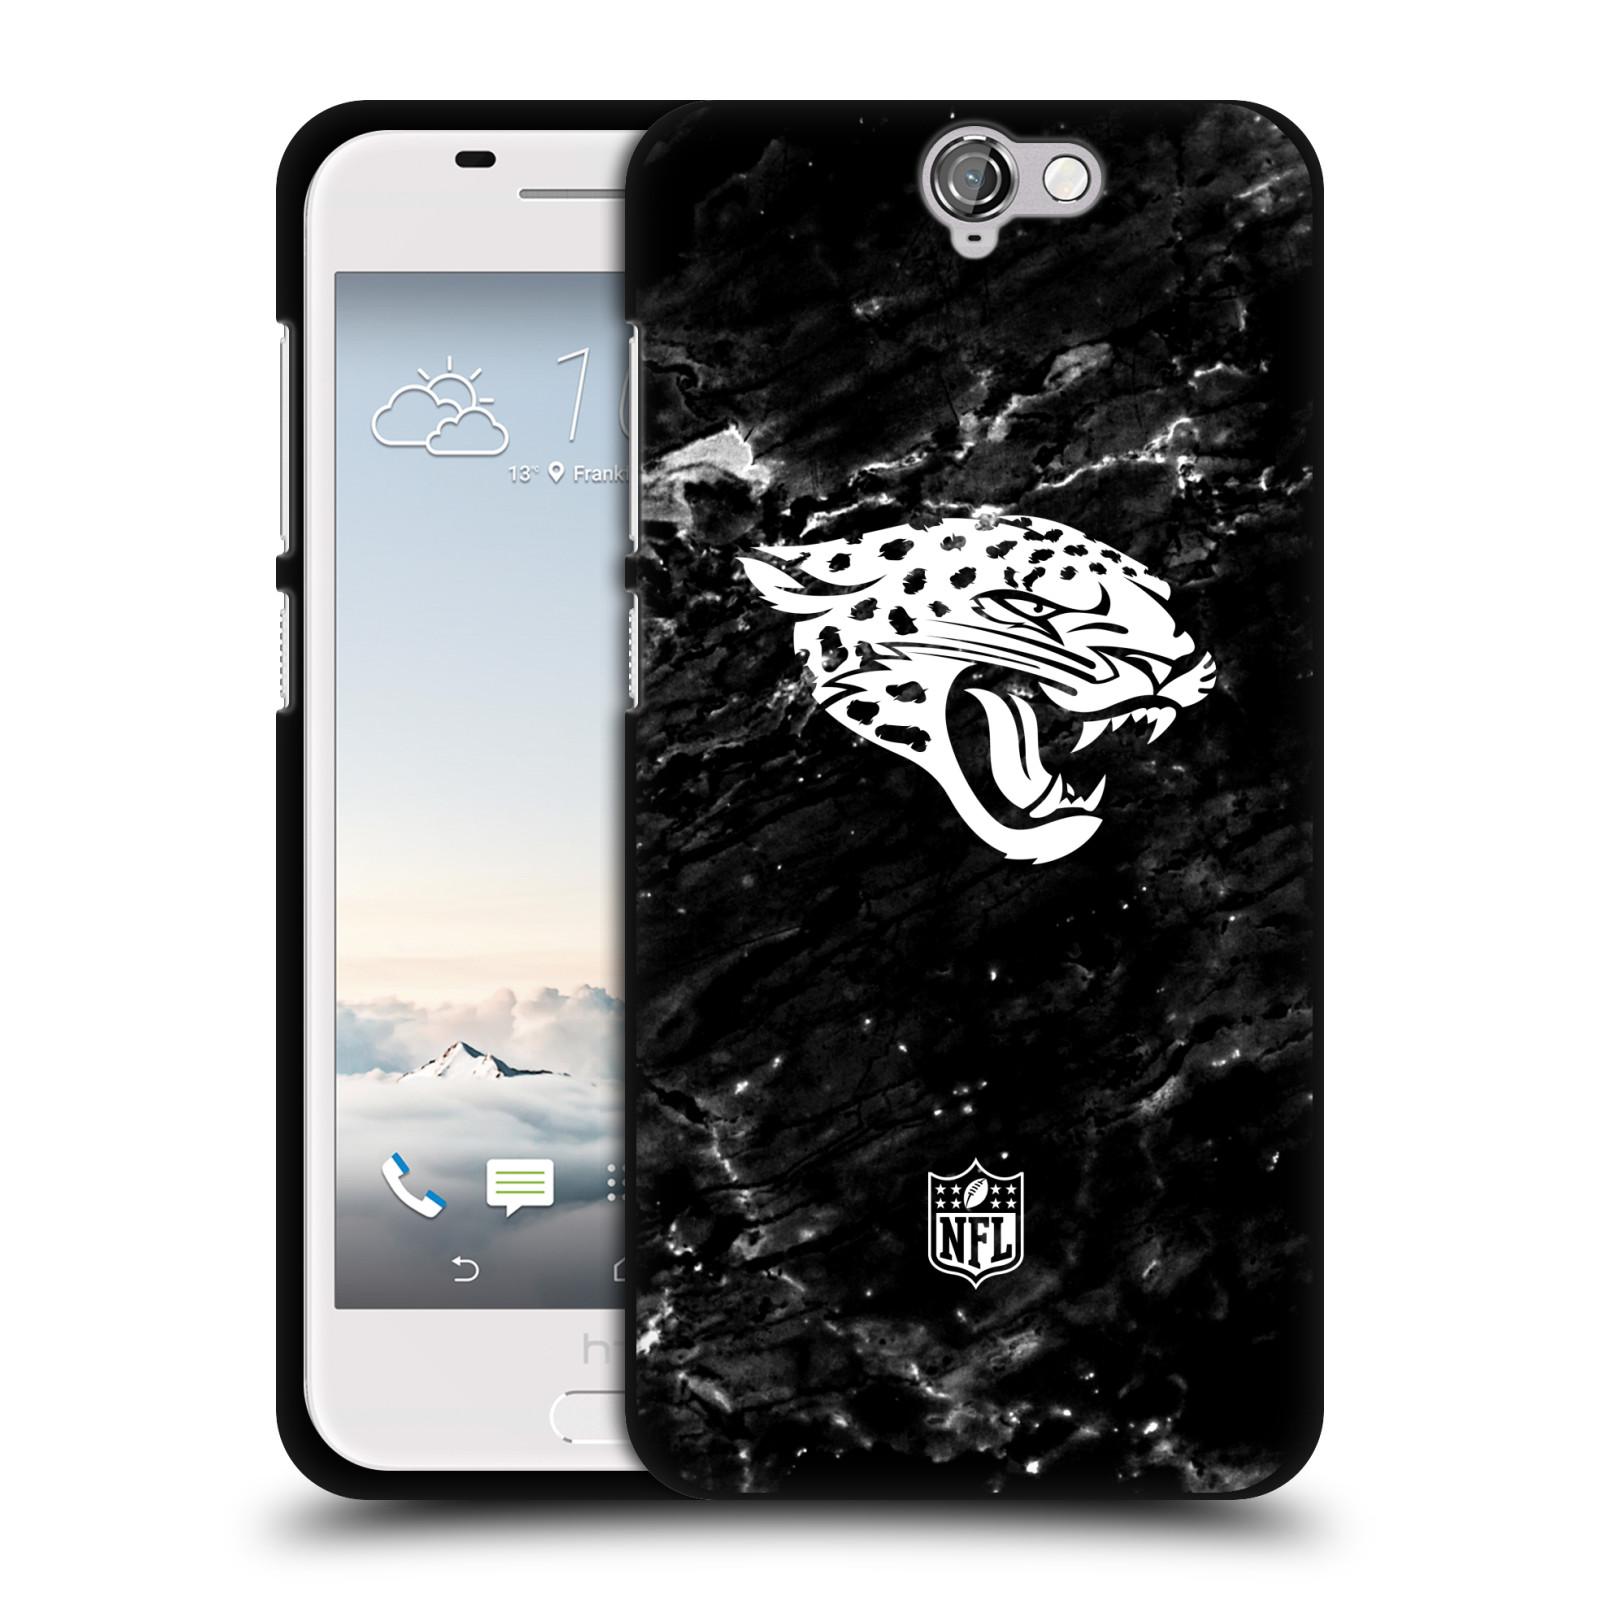 OFFICIAL-NFL-2017-18-JACKSONVILLE-JAGUARS-BLACK-SOFT-GEL-CASE-FOR-HTC-PHONES